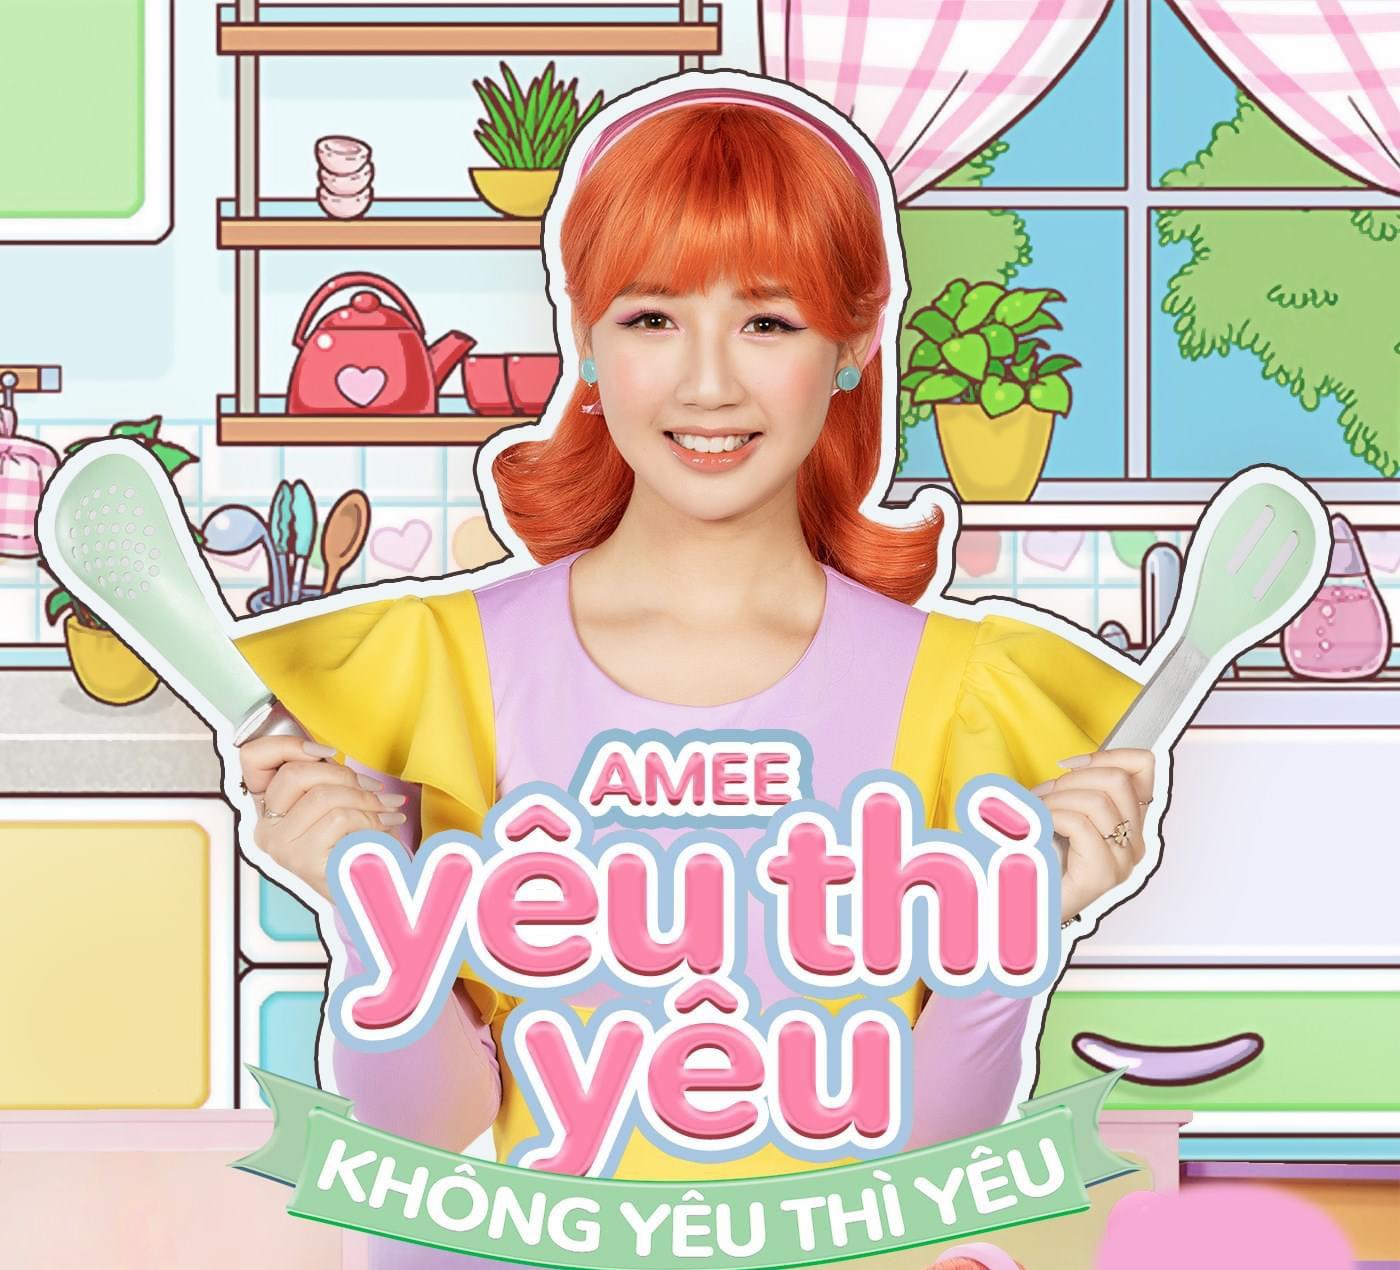 Chỉ mới debut hơn 1 năm, nữ ca sĩ 10X Amee đạt nhiều kỳ tích đáng nể - Ảnh 10.